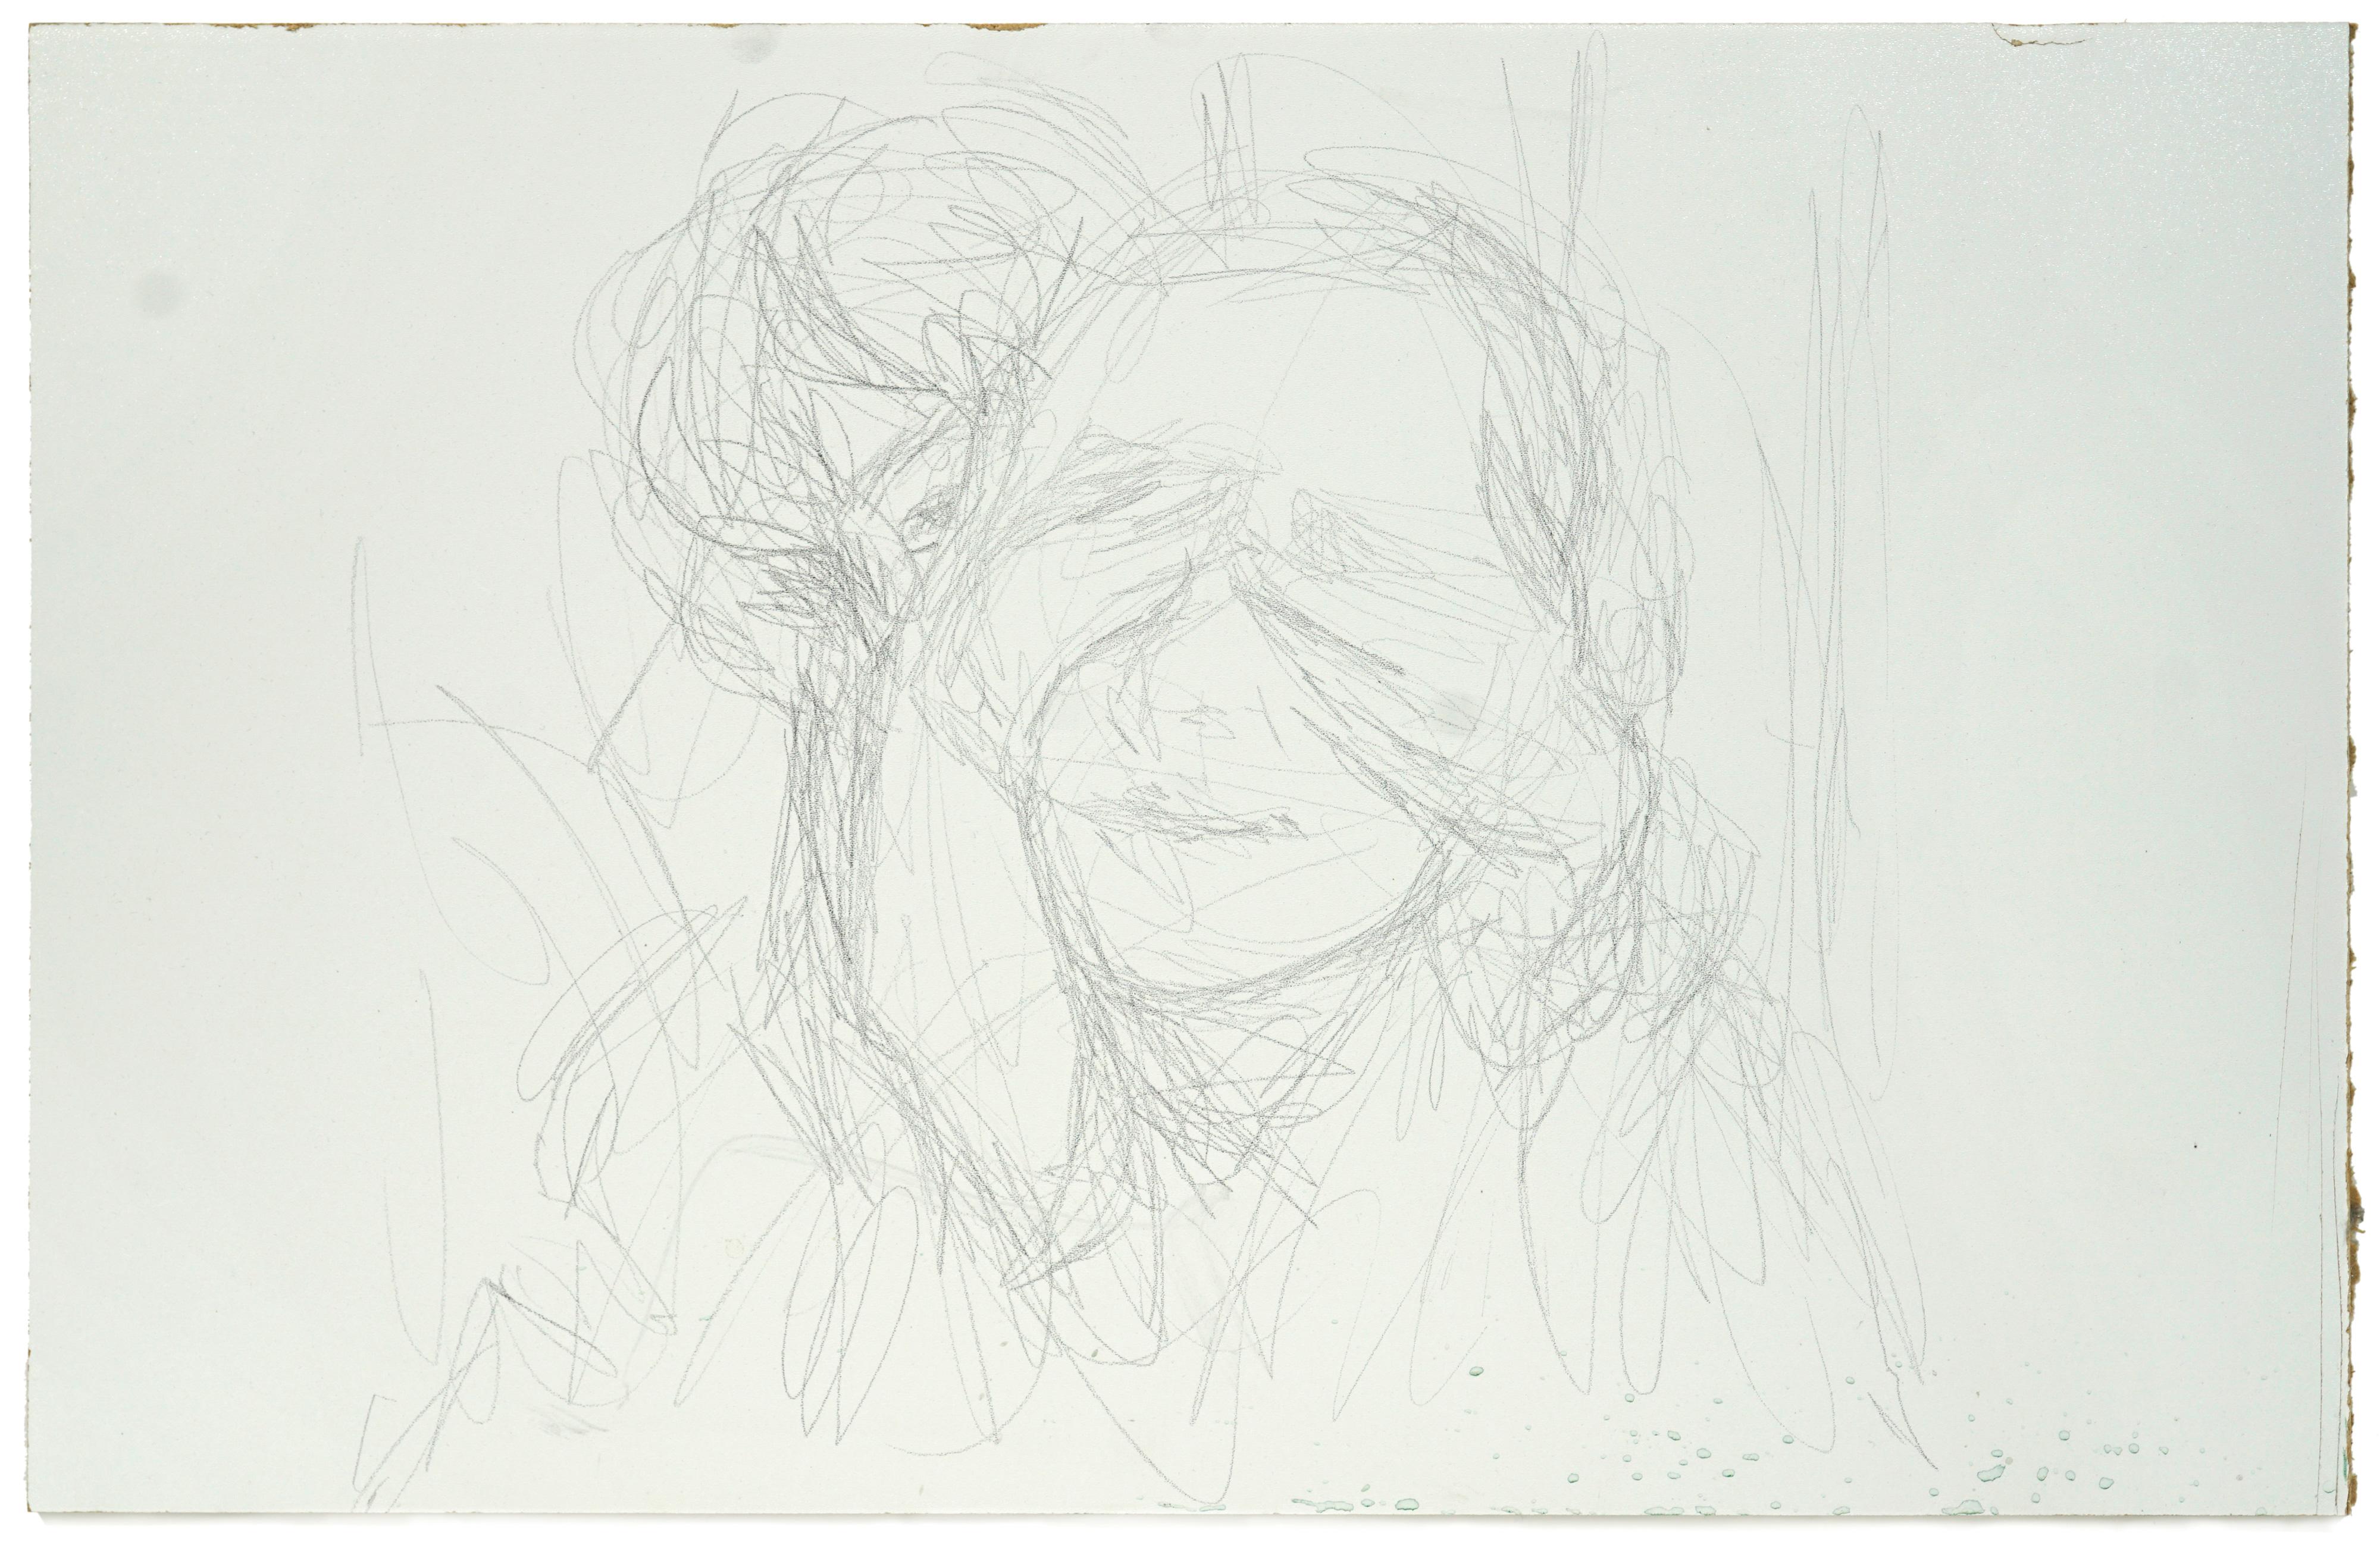 Galerie Barbara Thumm \ Martin Dammann – Exfreundin \ Verbunden klein (2020)